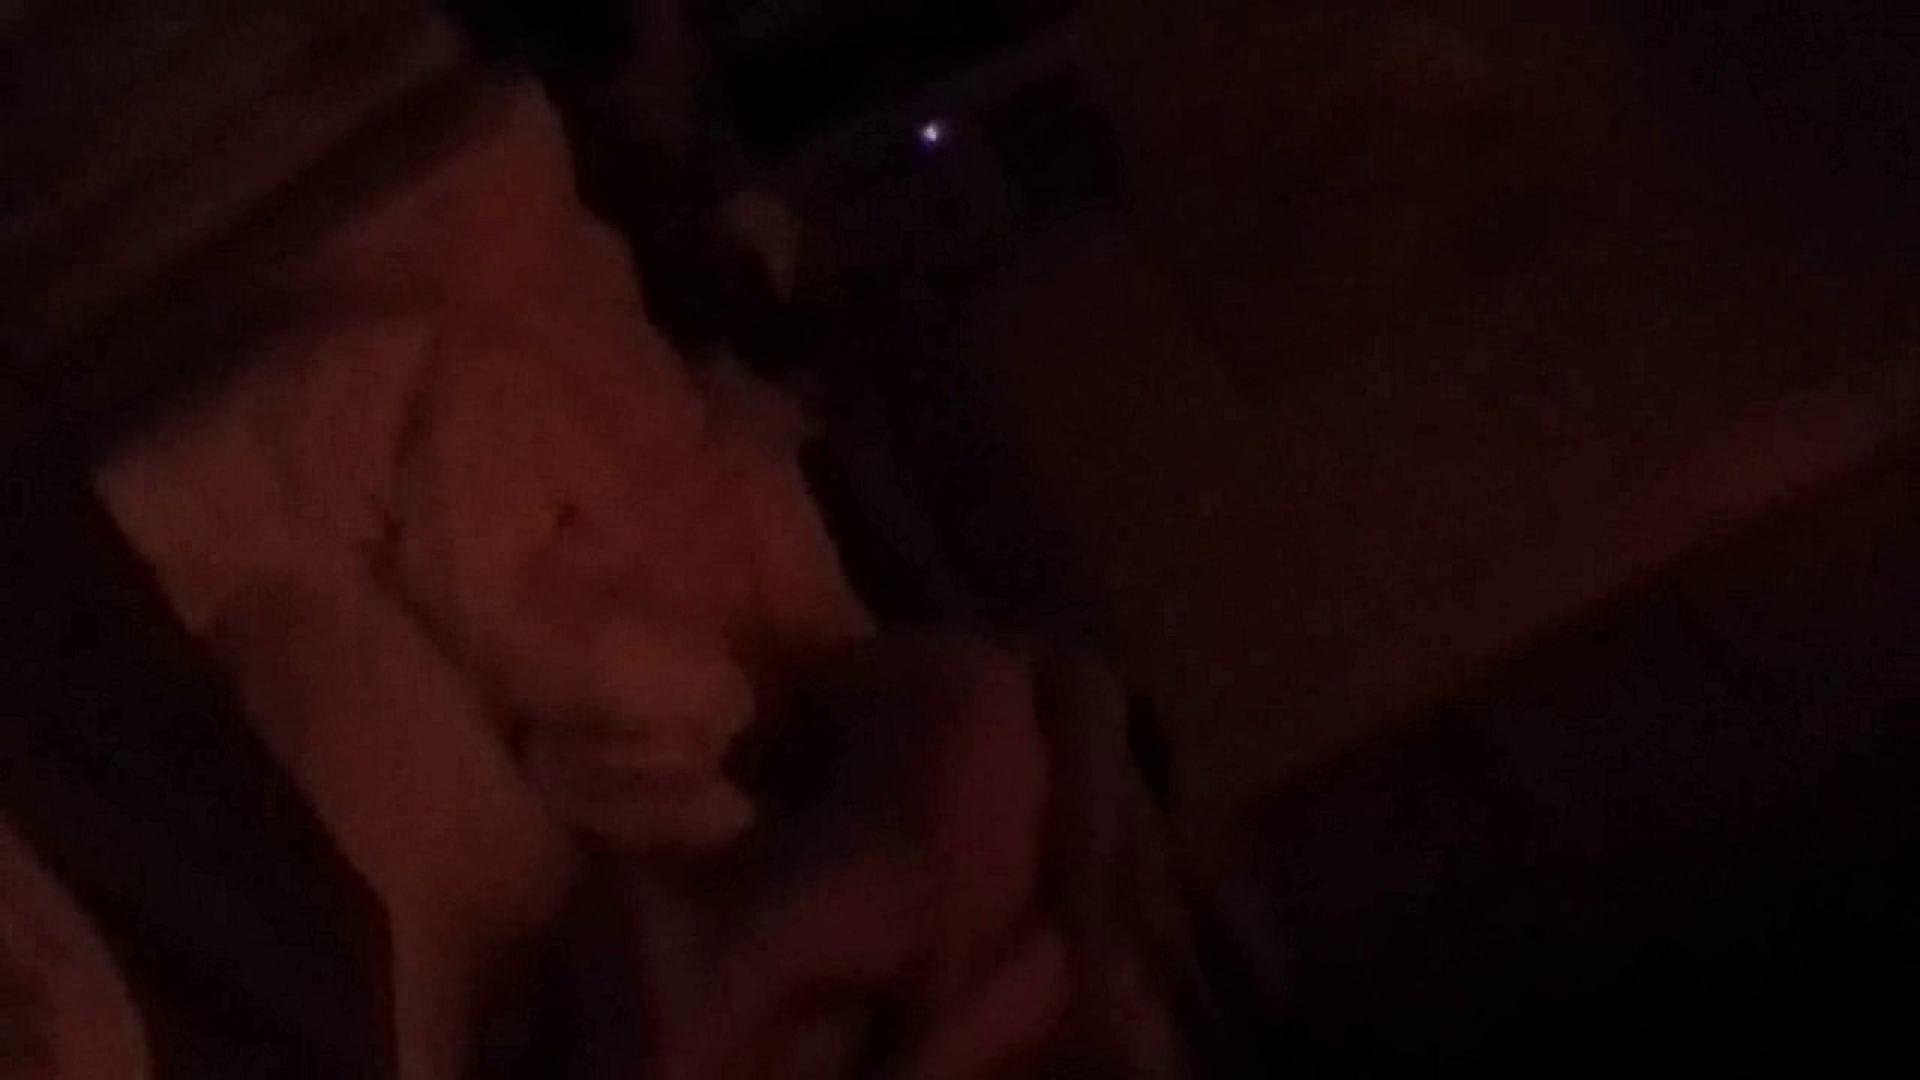 身内撮り!自宅内隠し撮りシリーズ Vol.04 盛合せ オマンコ無修正動画無料 65画像 9